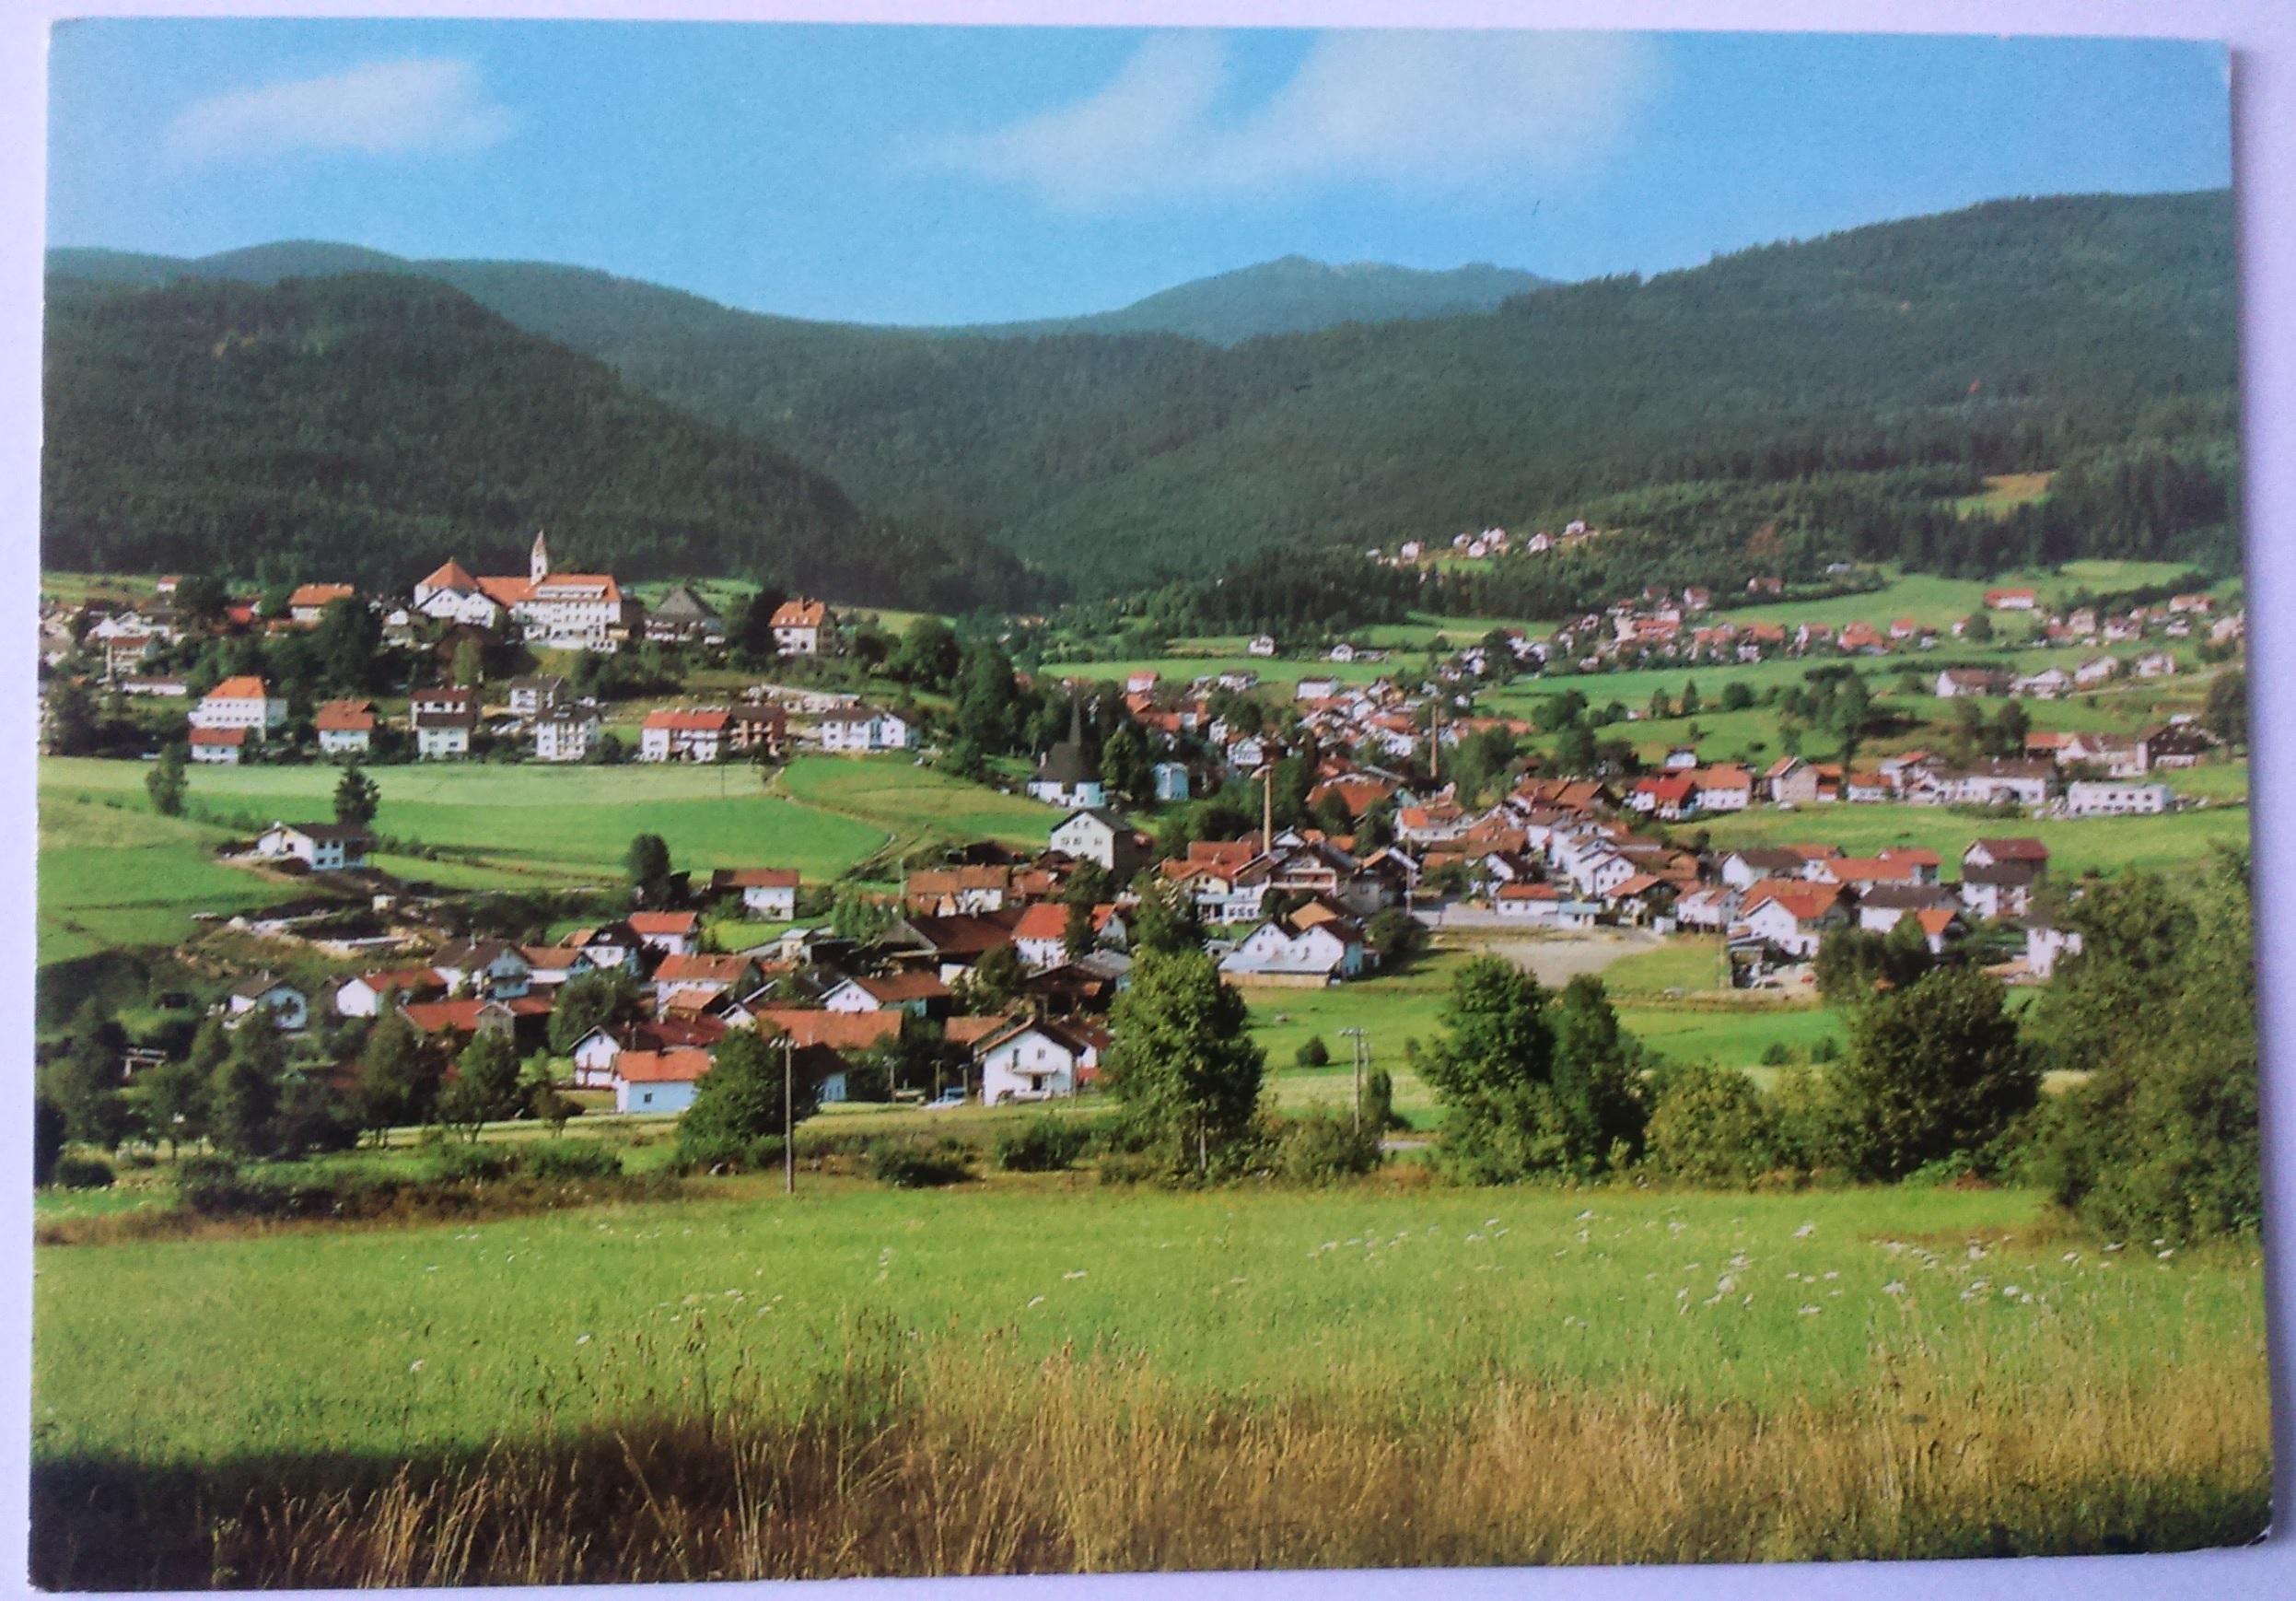 Höhenluftkurort Bodenmais im Bayerischen Wald mit Großen Arber - 1457 m (15.06.1976) front